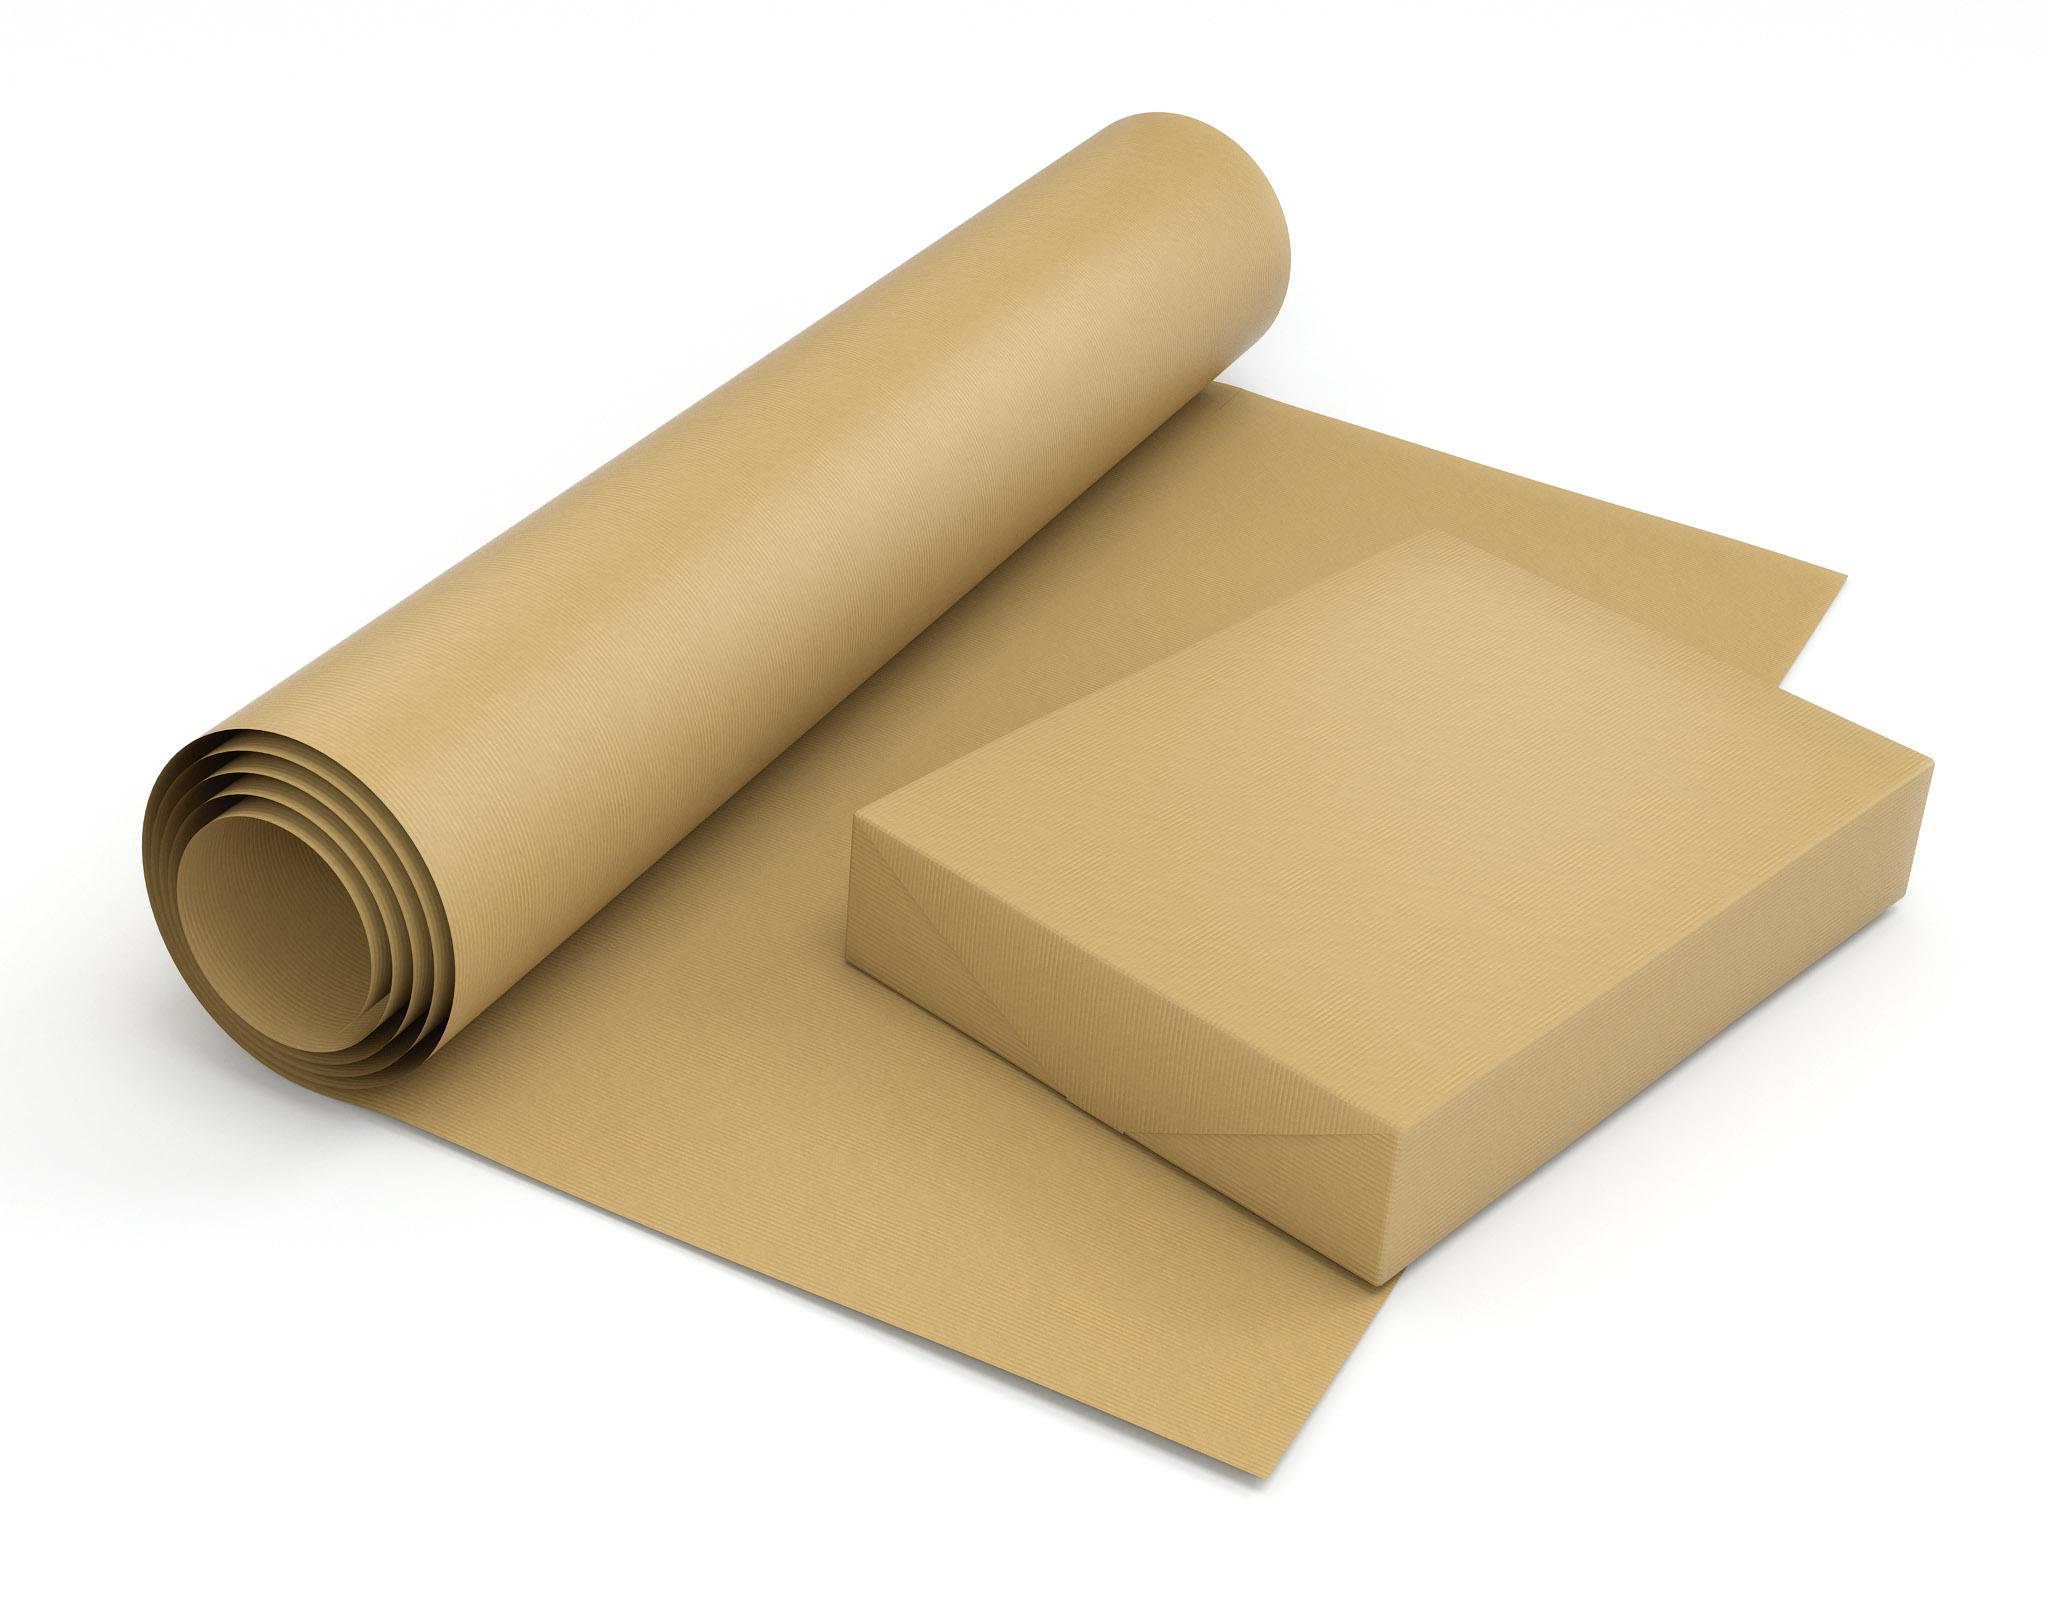 Top Rouleau de papier kraft - tous les fournisseurs - papier kraft  RX08